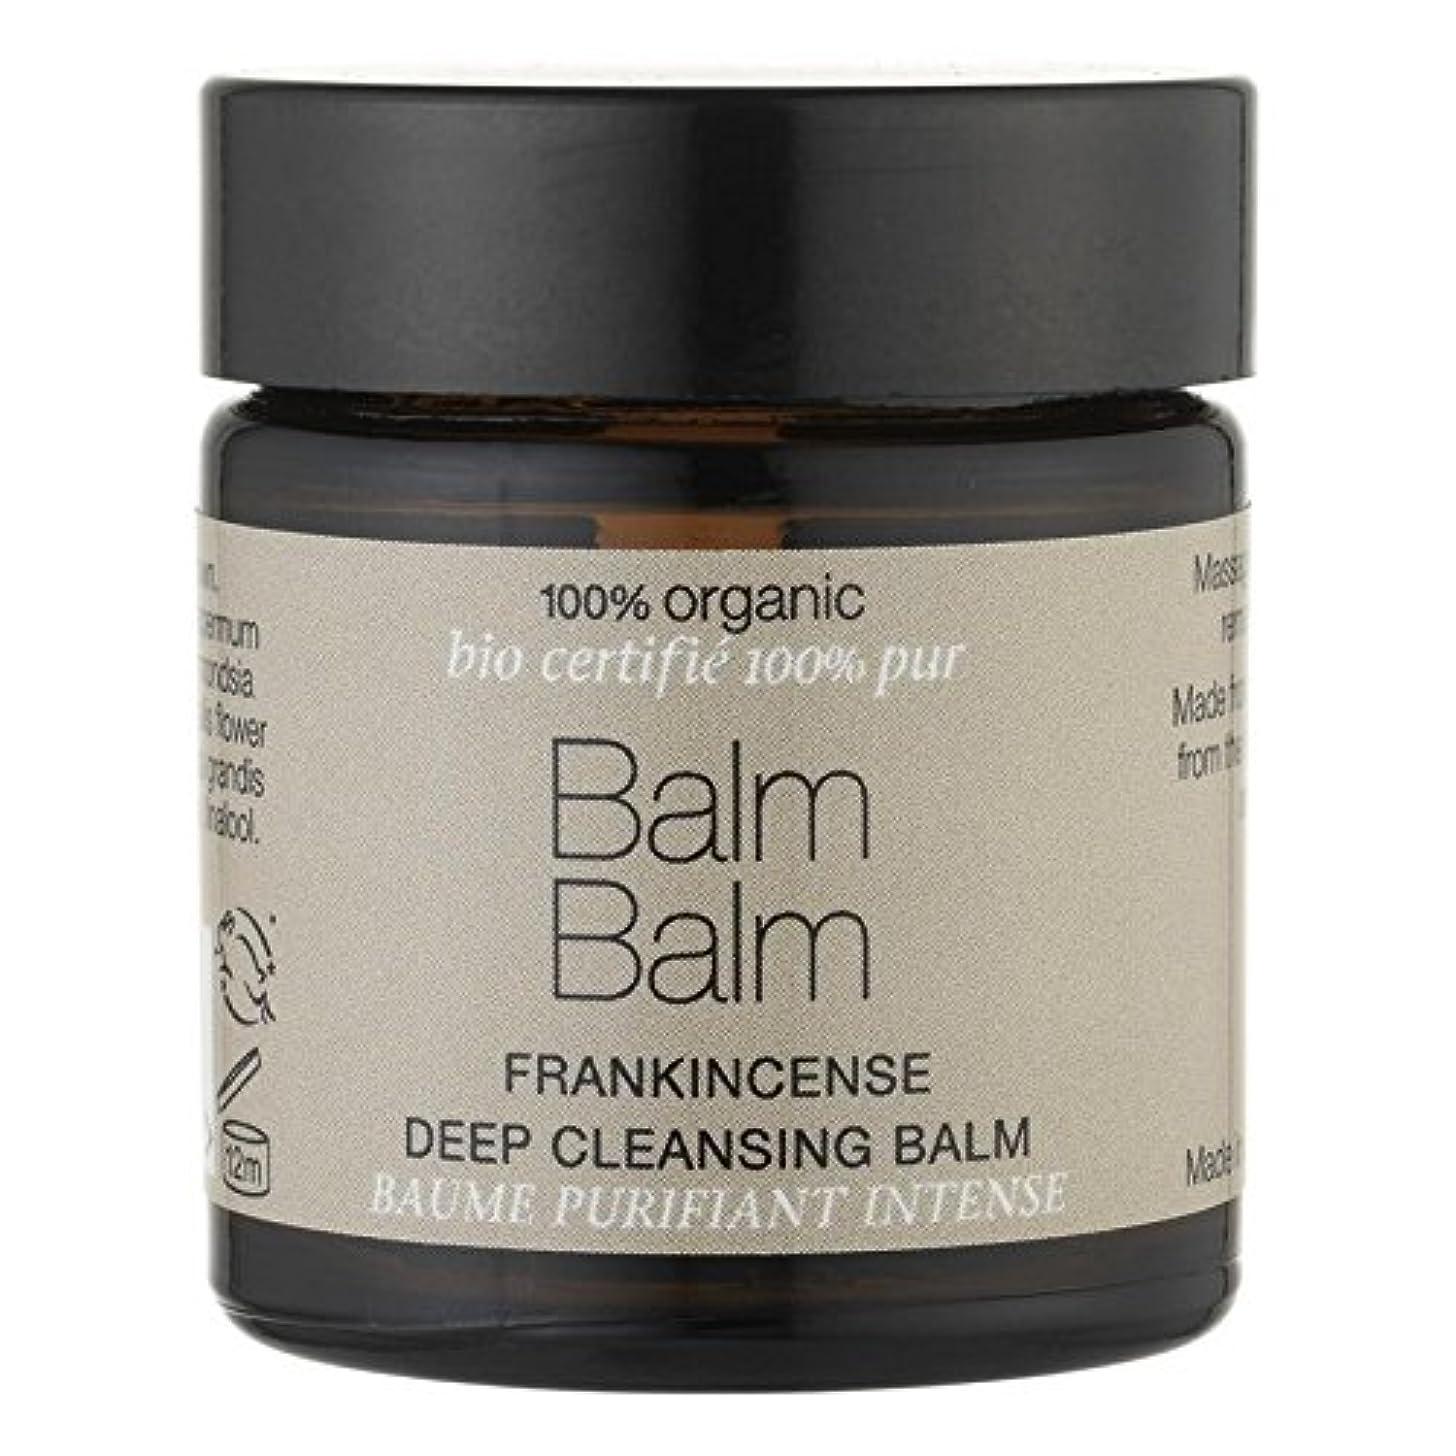 精神印象赤字バームバーム乳香有機ディープクレンジングクリーム60ミリリットル x2 - Balm Balm Frankincense Organic Deep Cleansing Balm 60ml (Pack of 2) [並行輸入品]